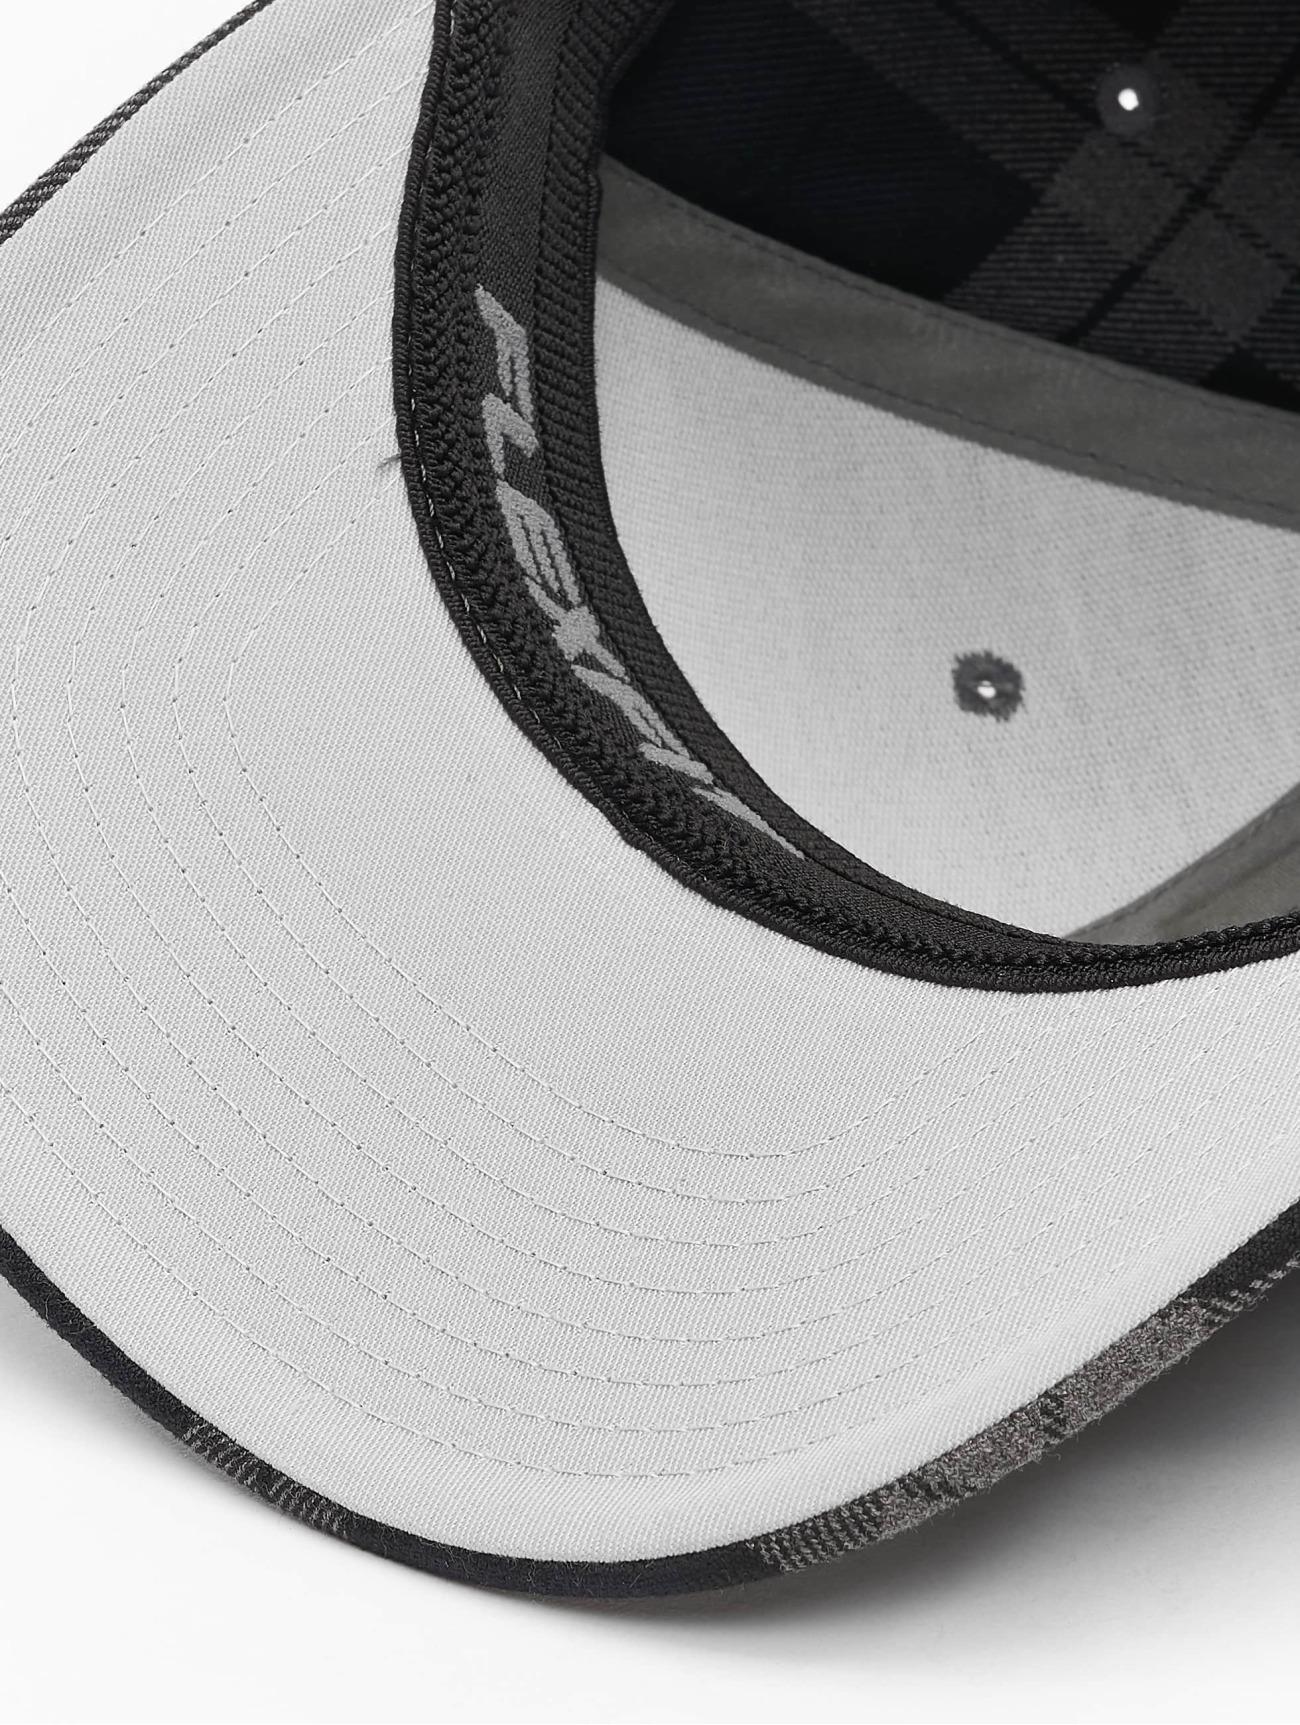 Flexfit  Tartan Plaid  noir  Casquette Flex Fitted  197259 Homme Casquettes